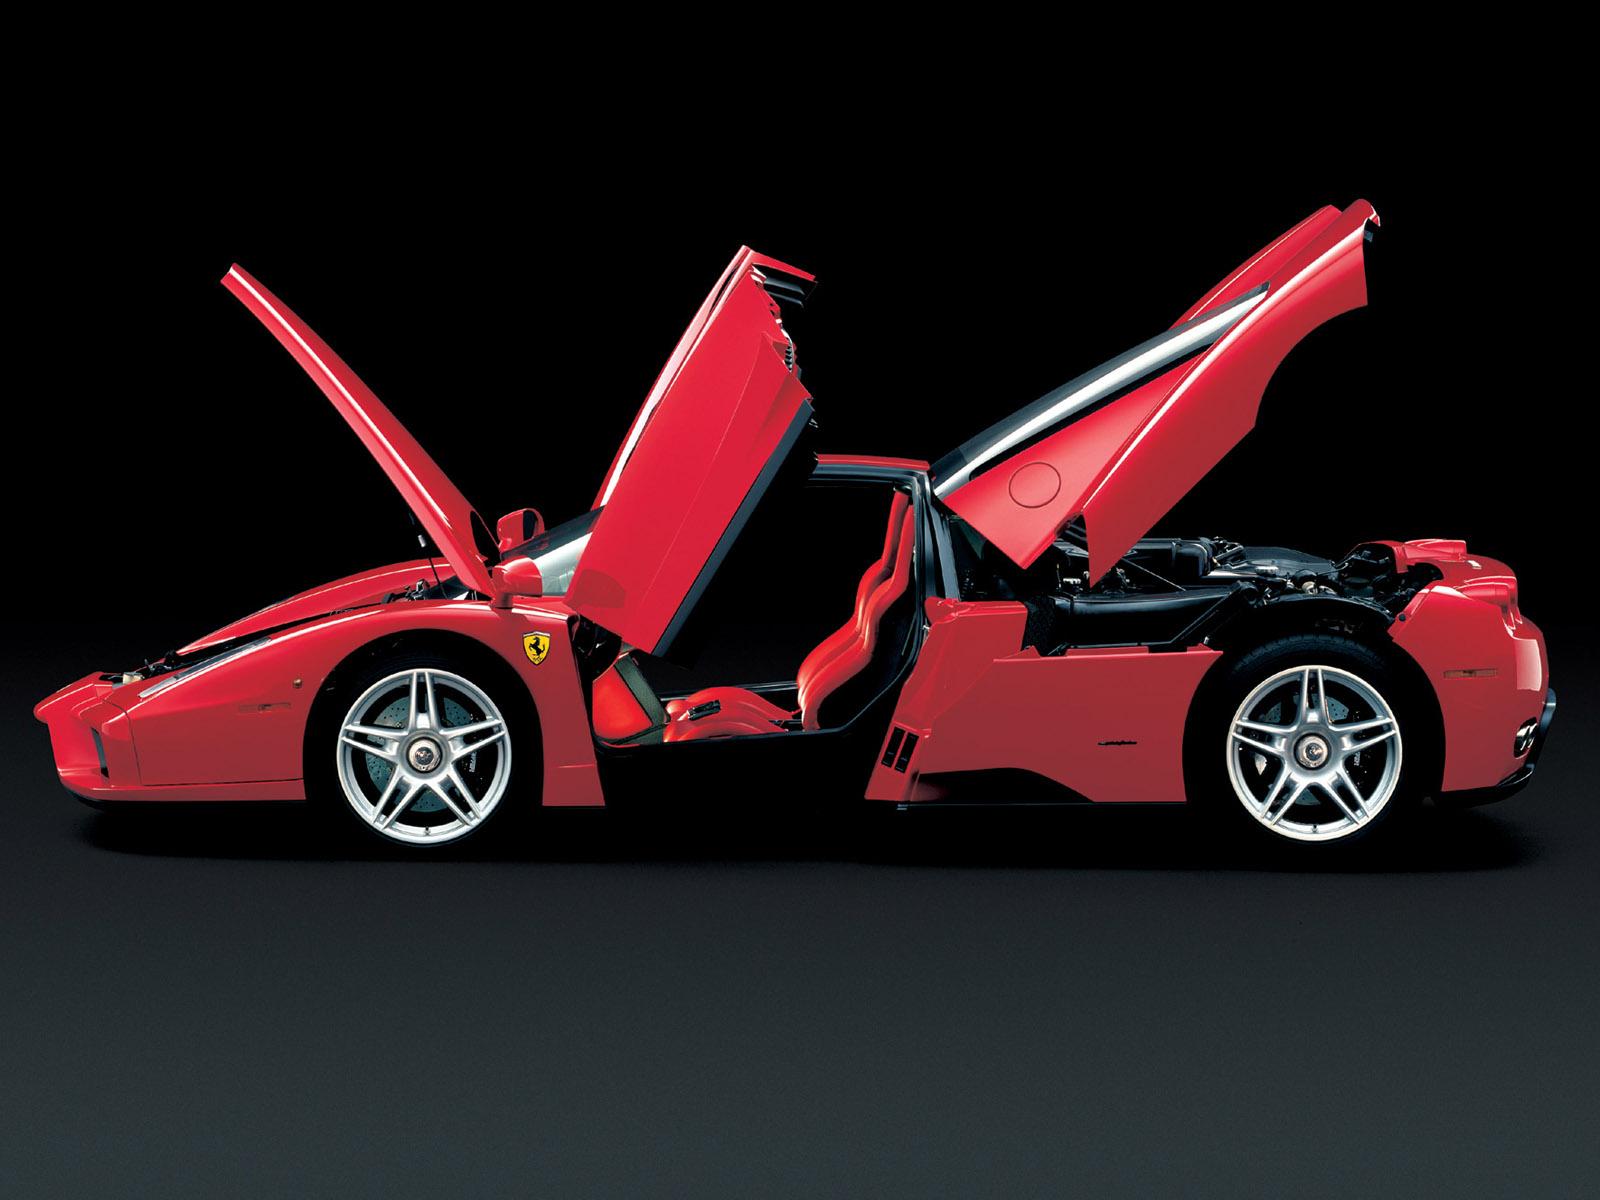 http://1.bp.blogspot.com/_7XKM5uAPfD8/THgaXQPYyvI/AAAAAAAAAGU/1ry17nbCoHM/s1600/Ferrari-Enzo-Hood-Doors-Open-1600x1200.jpg